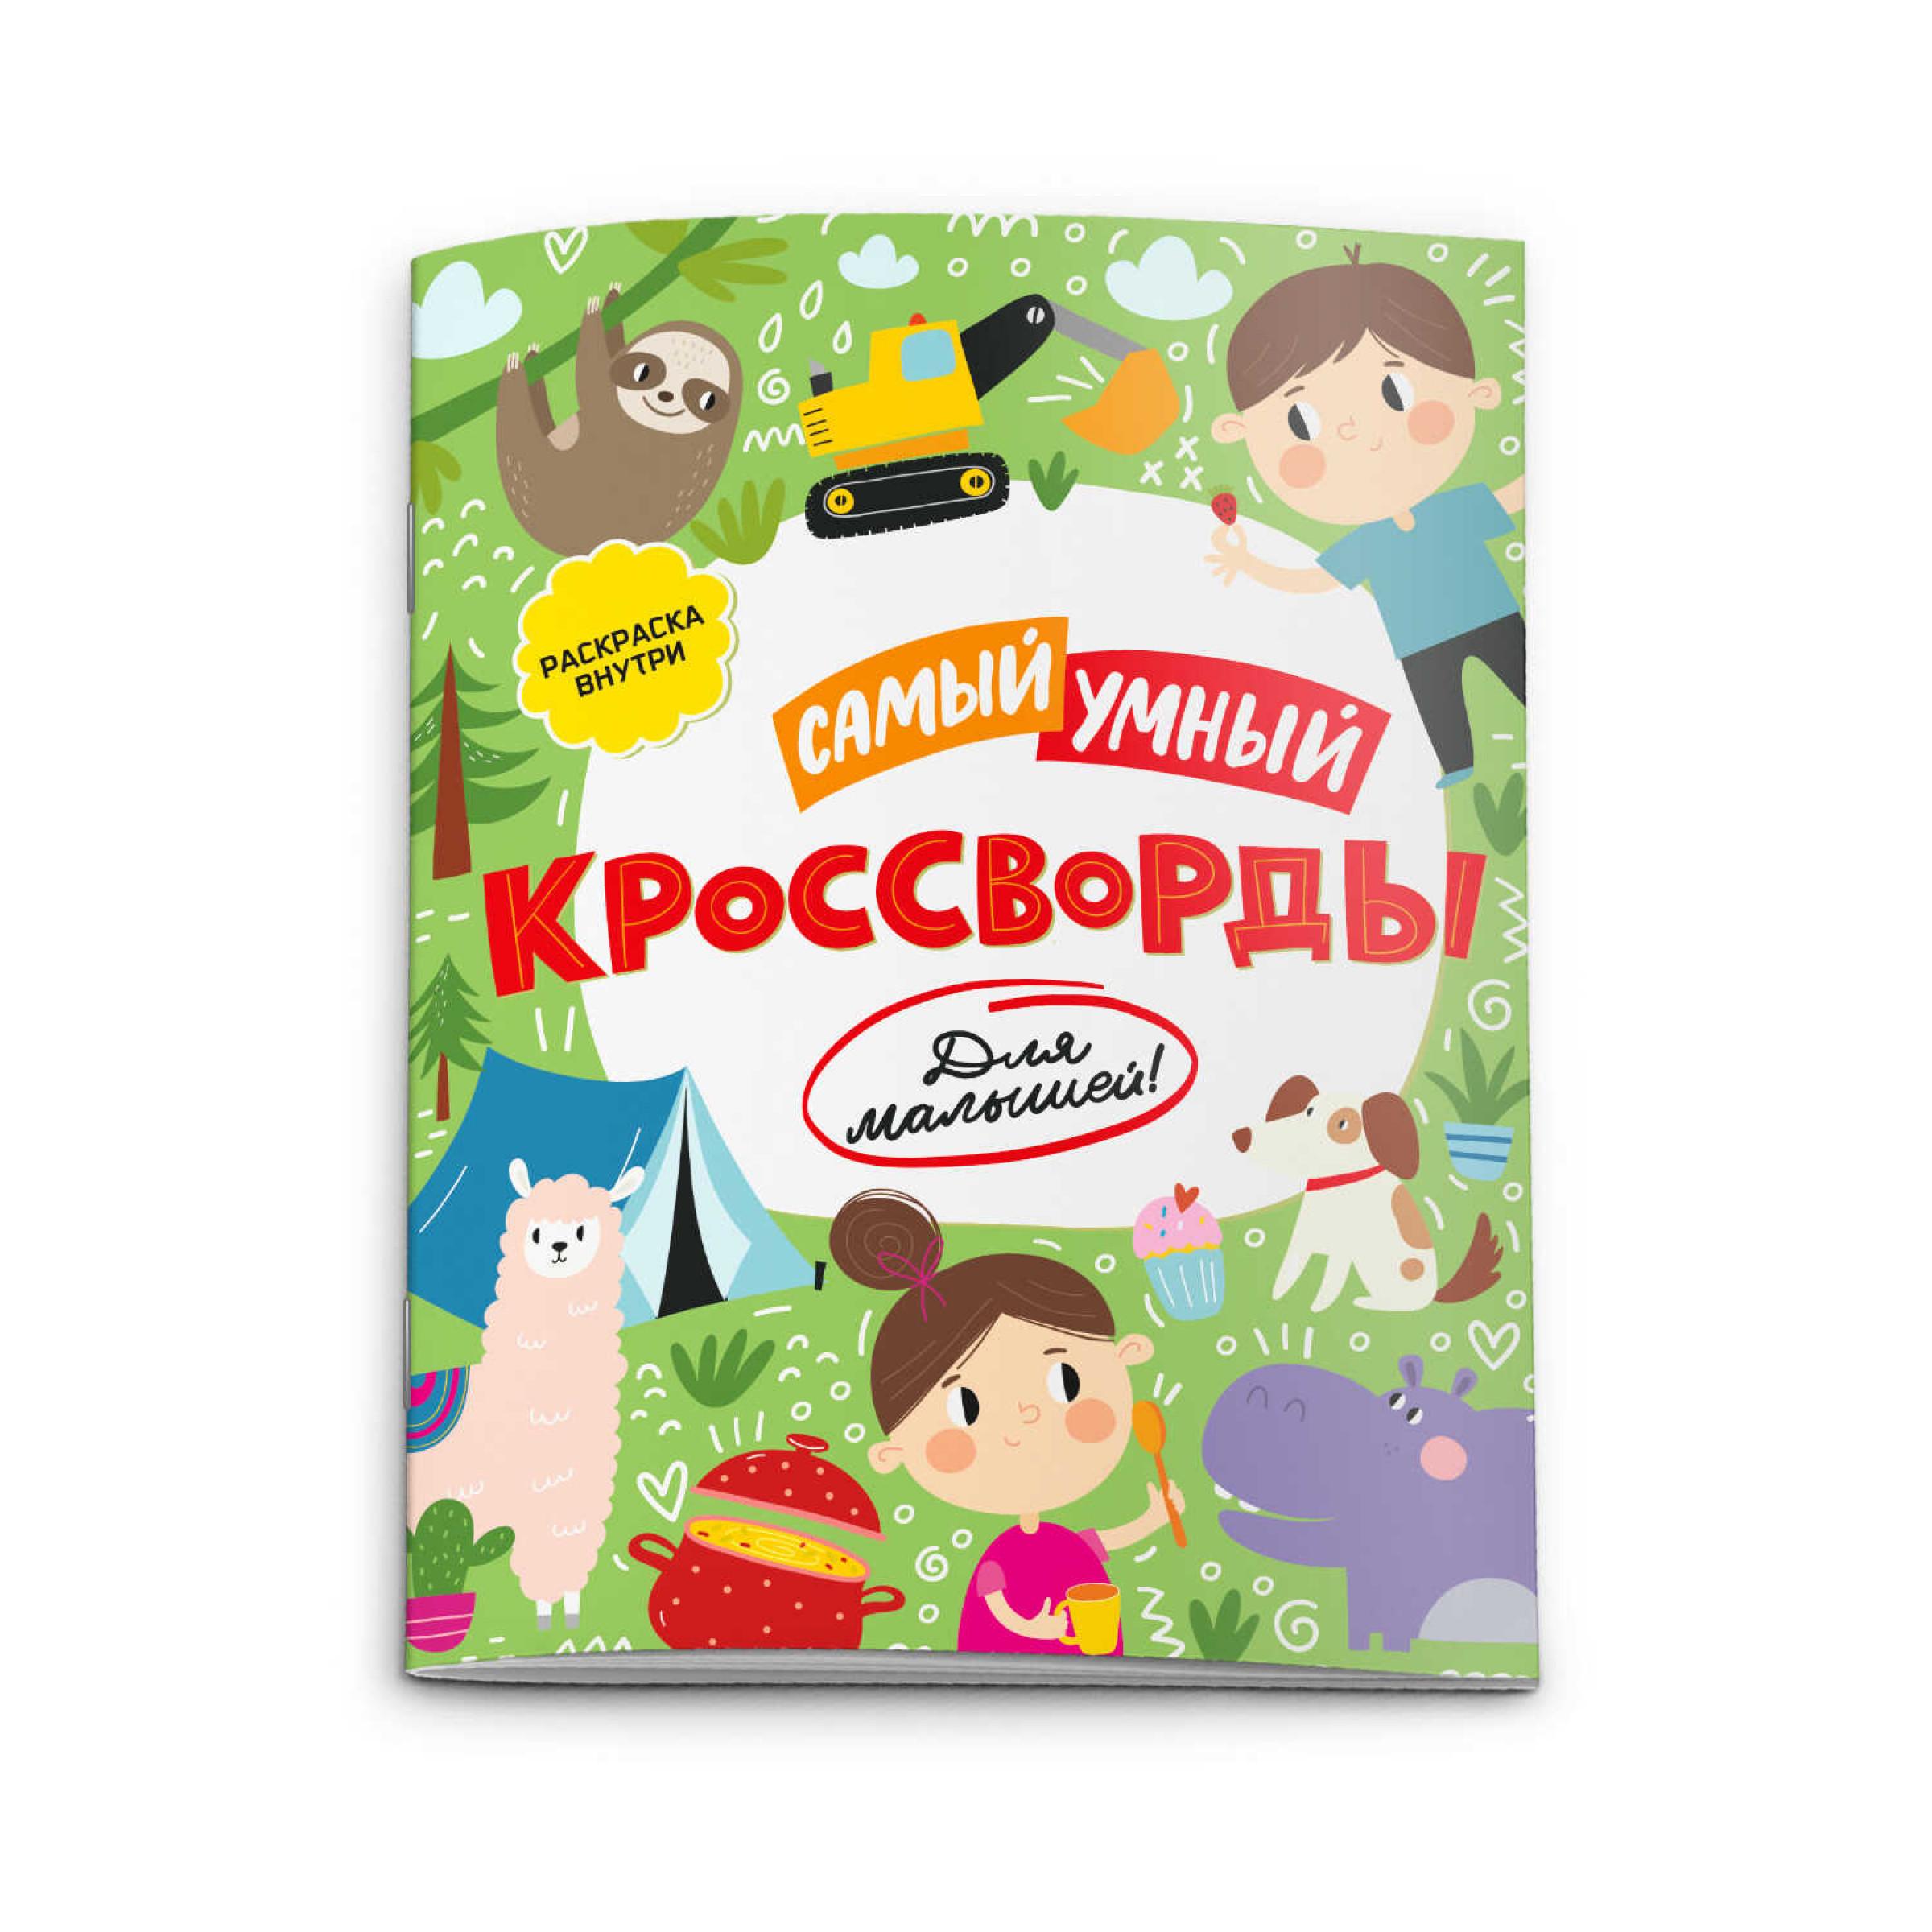 """Книжка-кроссворды """"Самый умный"""" для малышей, 200x260мм."""